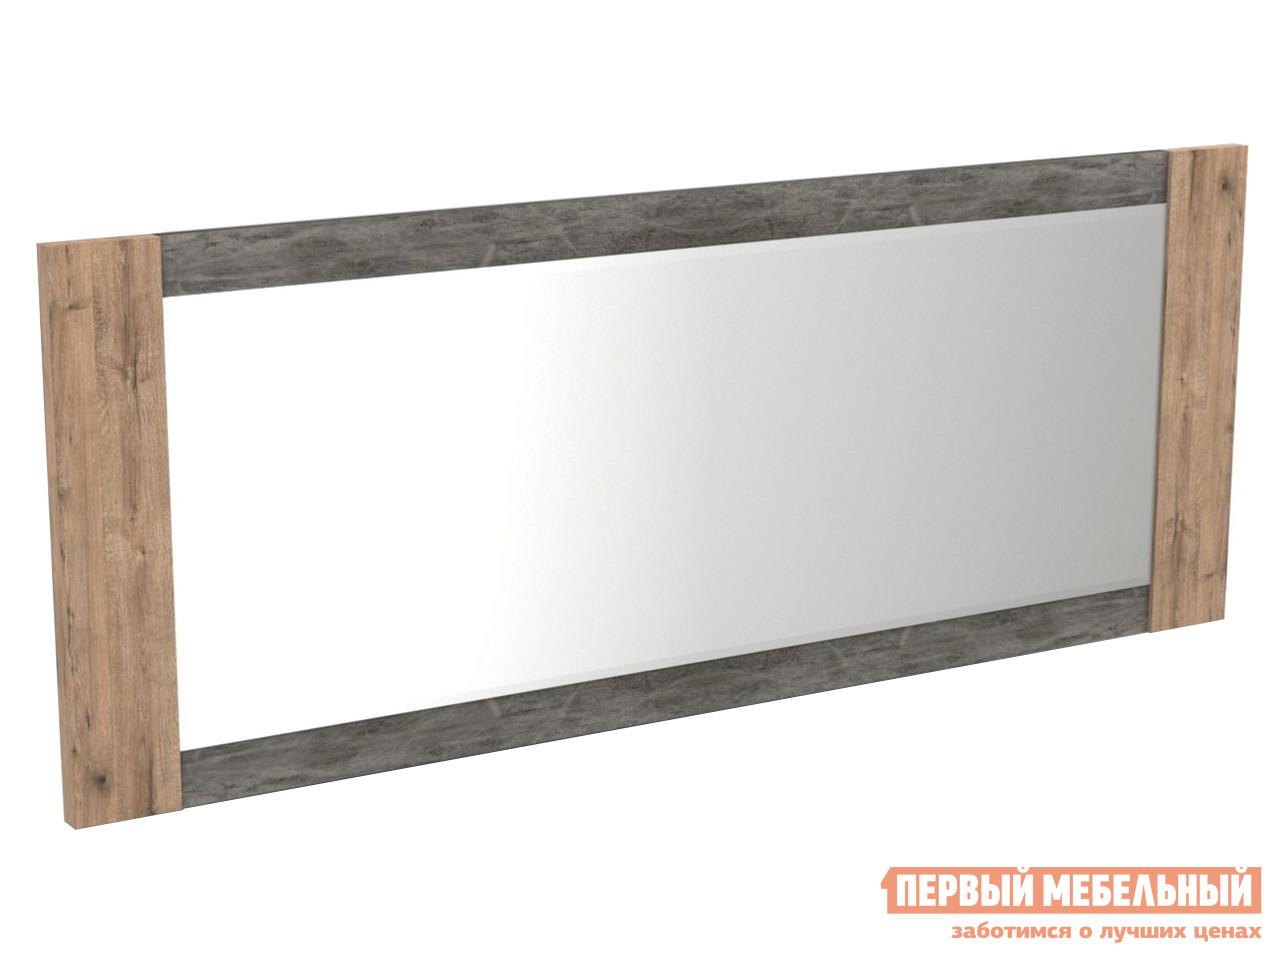 Настенное зеркало  Зеркало Денвер Дуб веллингтон / Камень темный, Ширина 1290